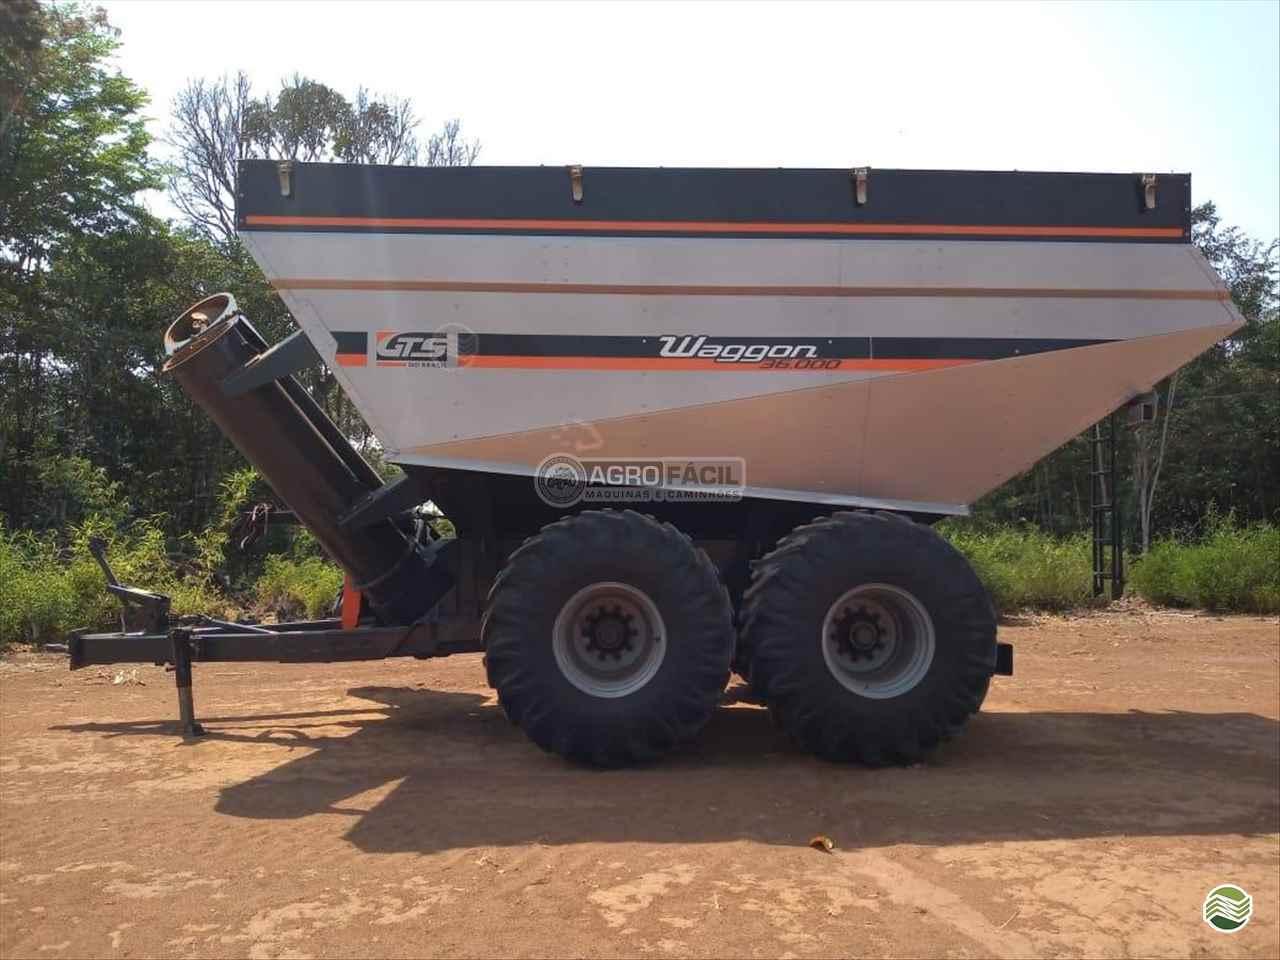 IMPLEMENTOS AGRICOLAS CARRETA BAZUKA GRANELEIRA 36000 Agro Fácil Máquinas PRIMAVERA DO LESTE MATO GROSSO MT